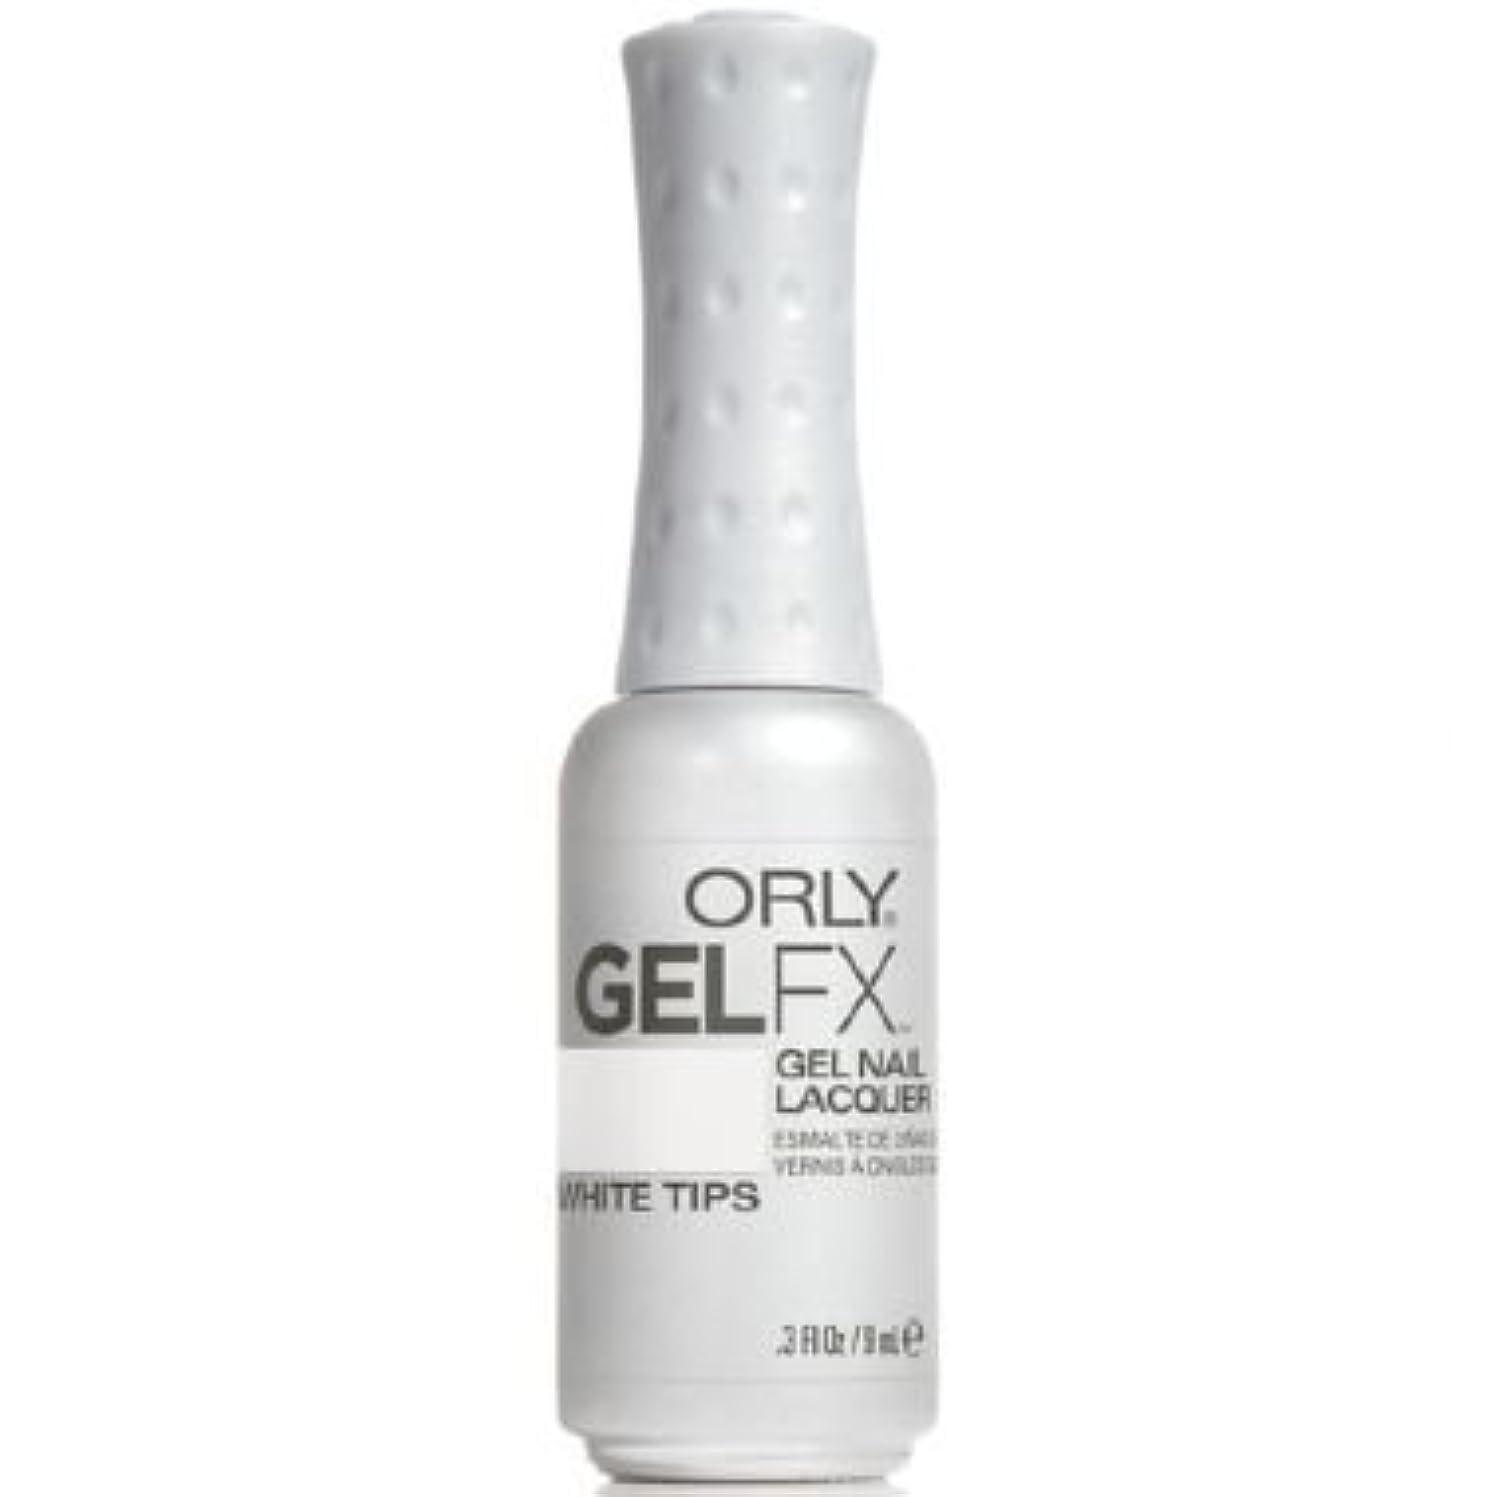 道を作るふくろうセットするOrly Gel FX Gel UV Vernis à Ongles/ Gel Polish - White Tips 9ml